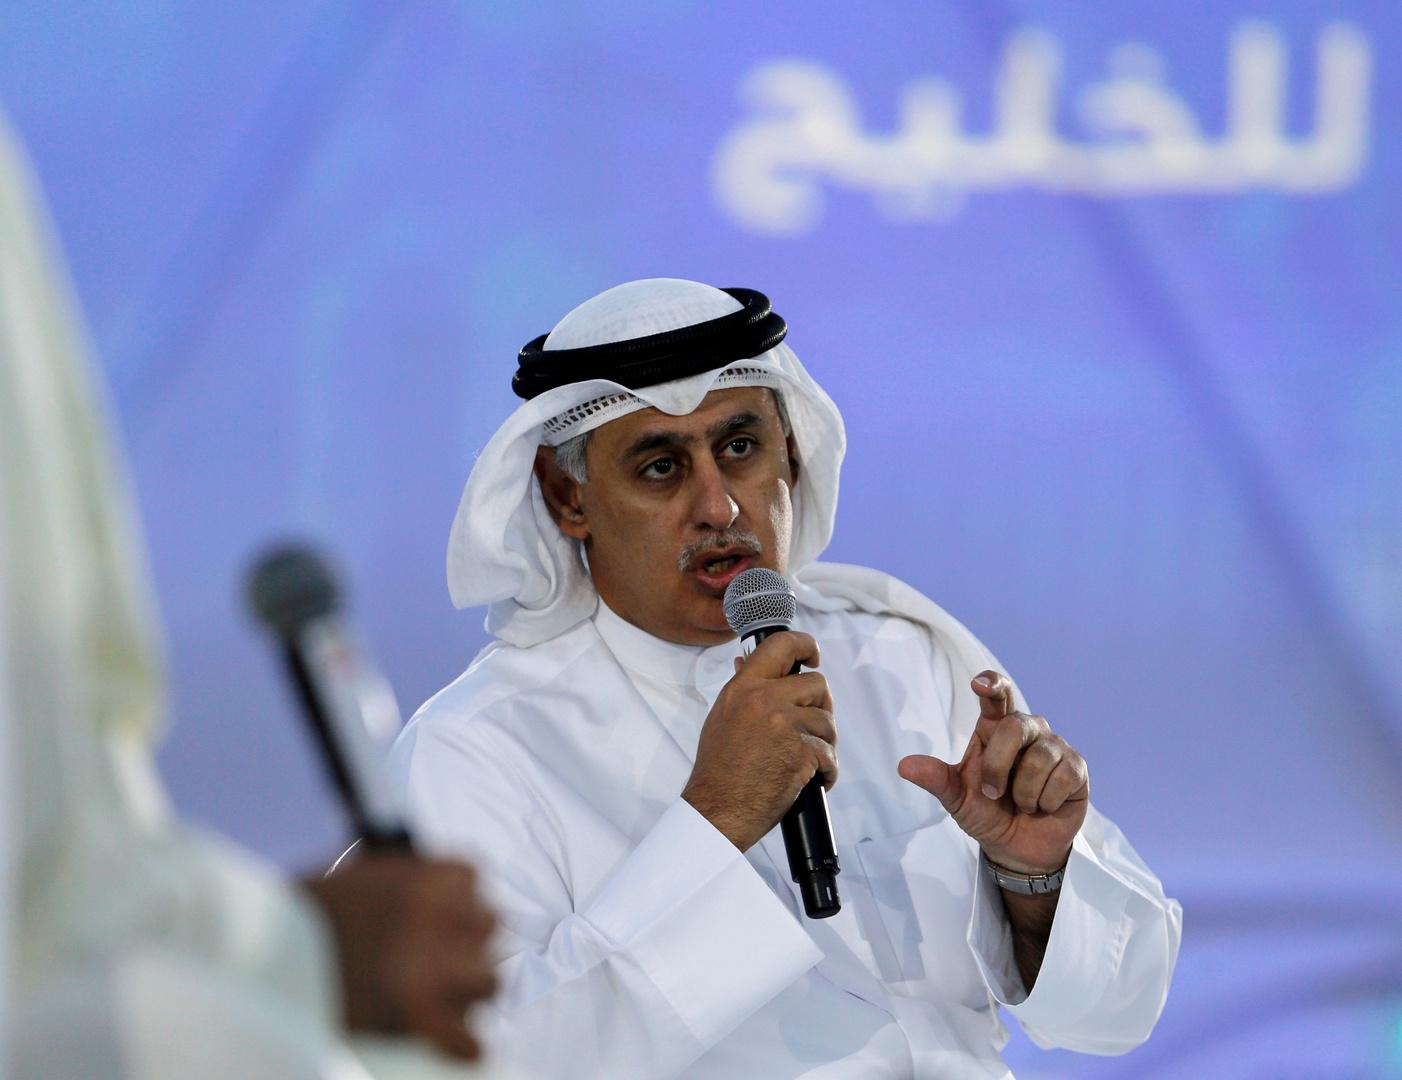 زايد بن راشد الزياني وزير الصناعة والتجارة والسياحة البحريني